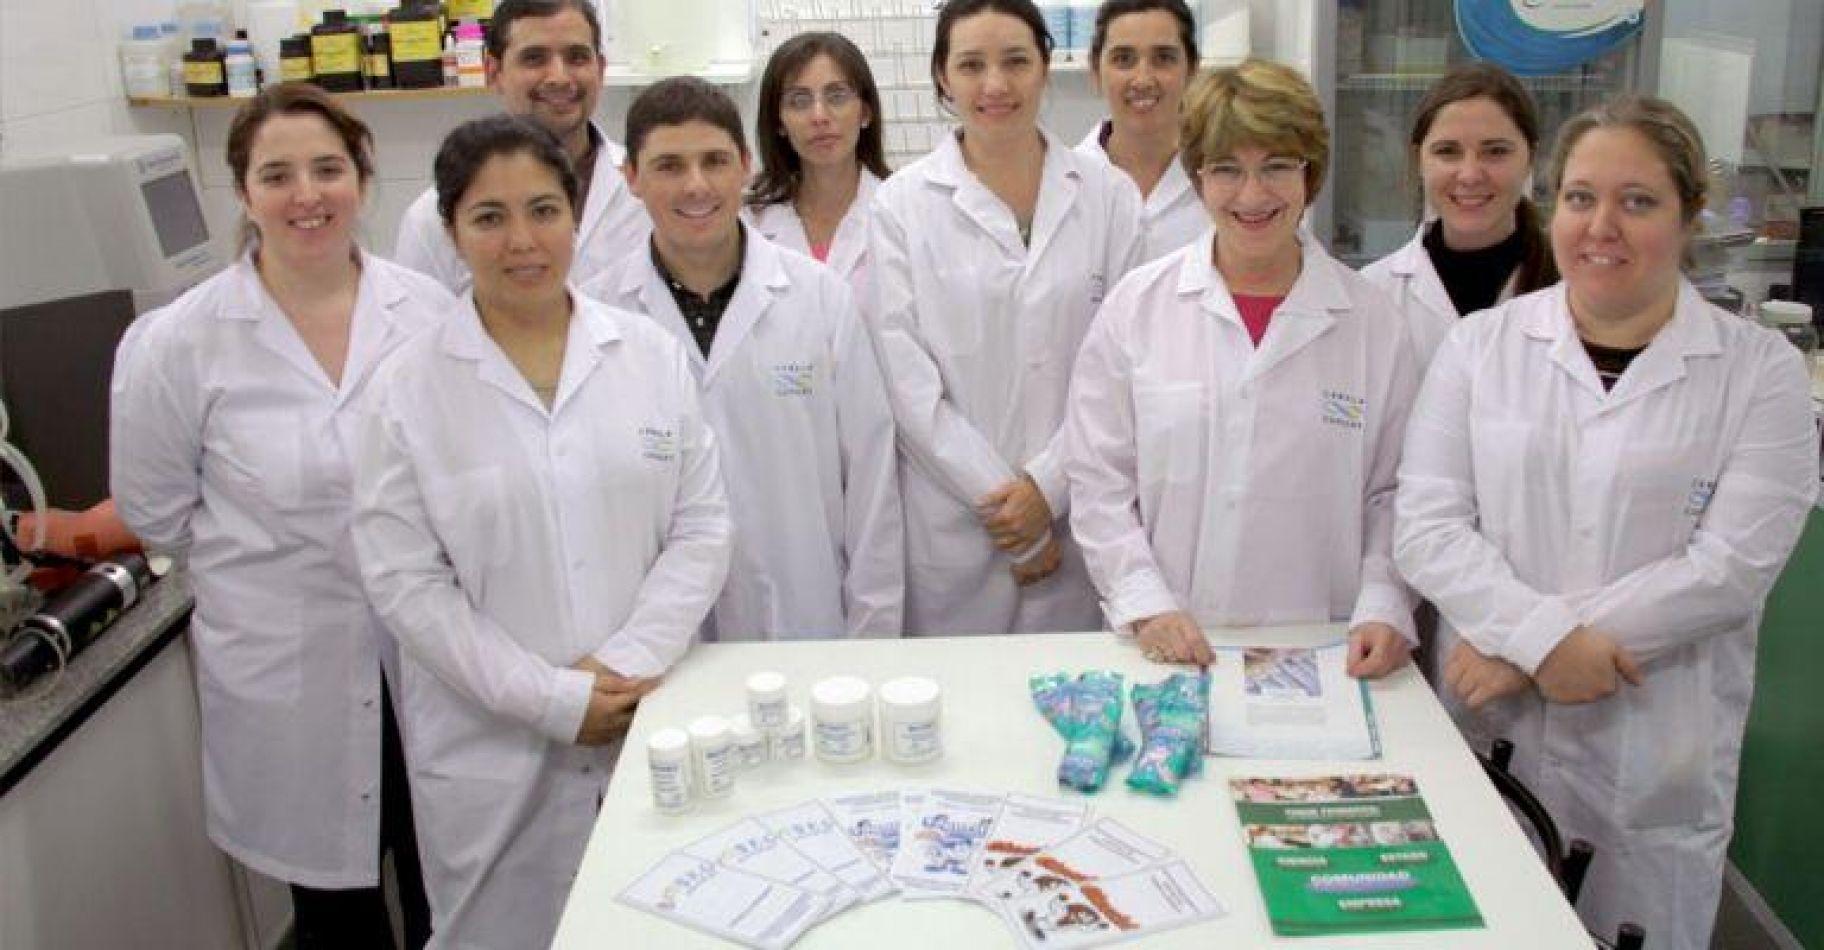 Un yogurt creado por El Conicet puede ser clave en la lucha contra la desnutrición